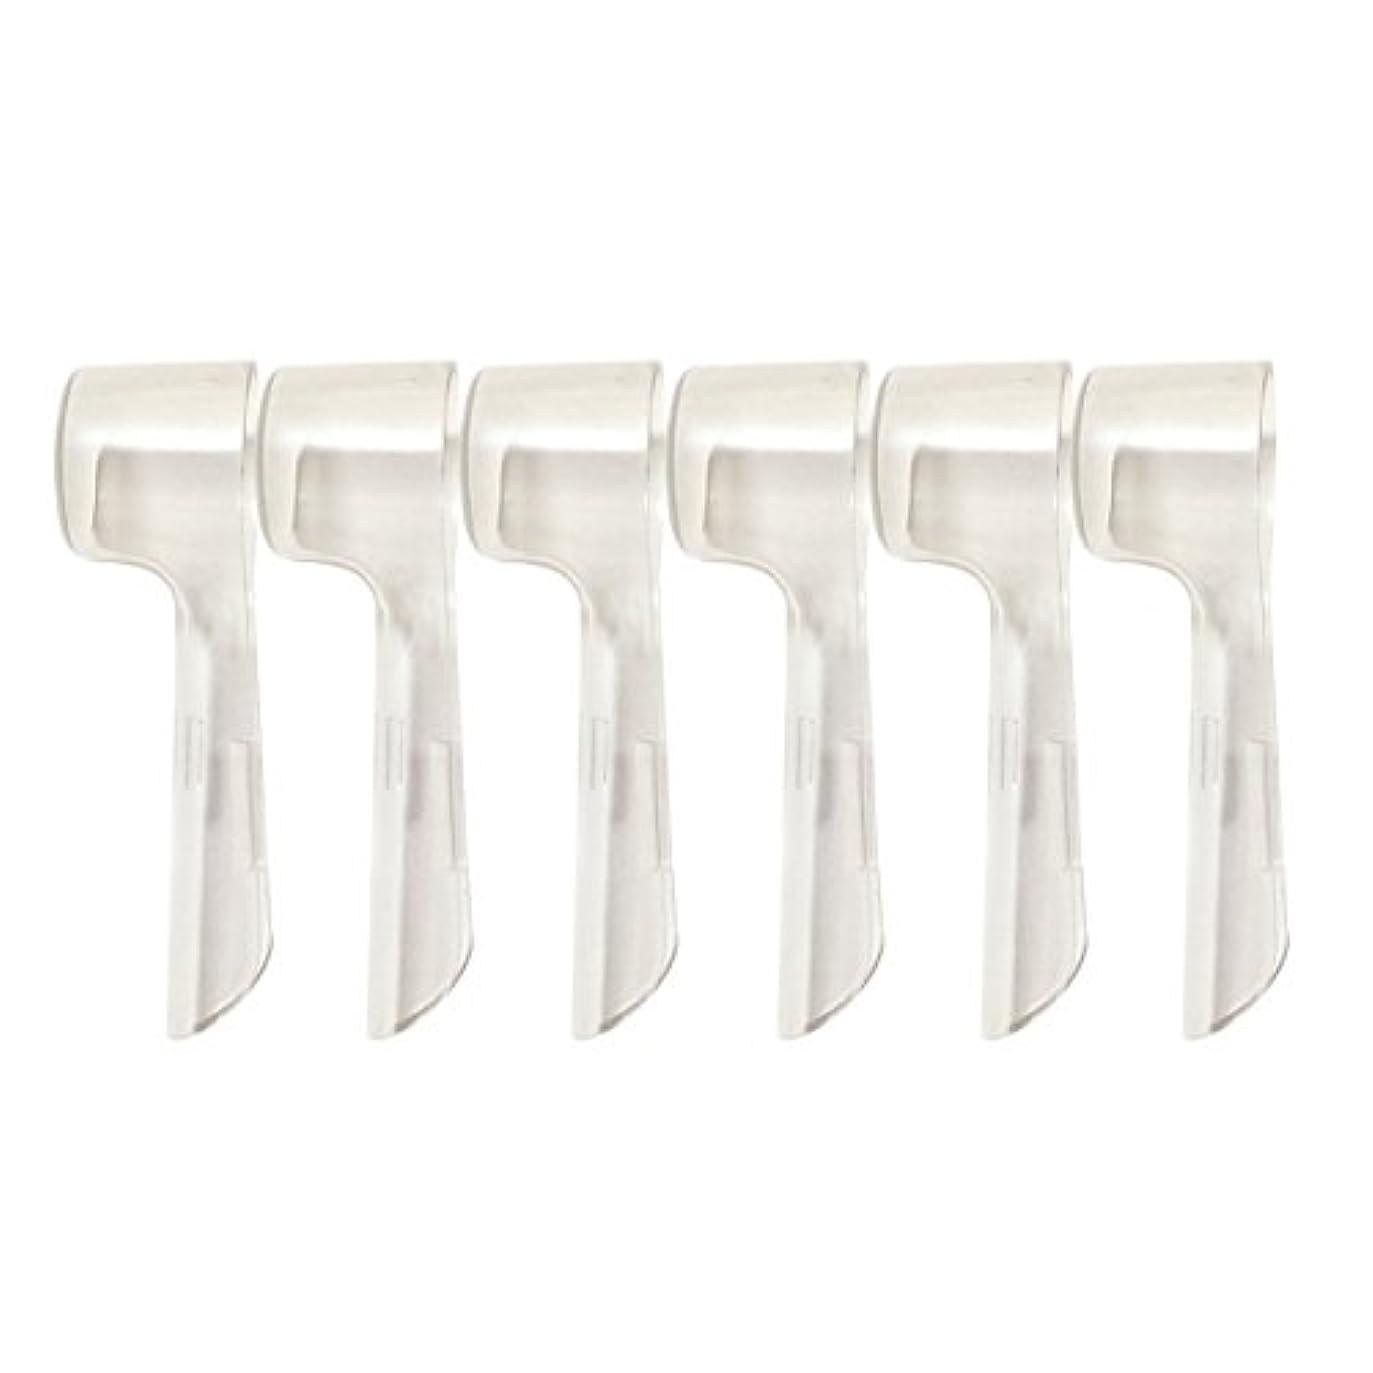 ウルル床例示するSUPVOX 旅行のために便利な電動歯ブラシのための6本の歯ブラシヘッドカバー